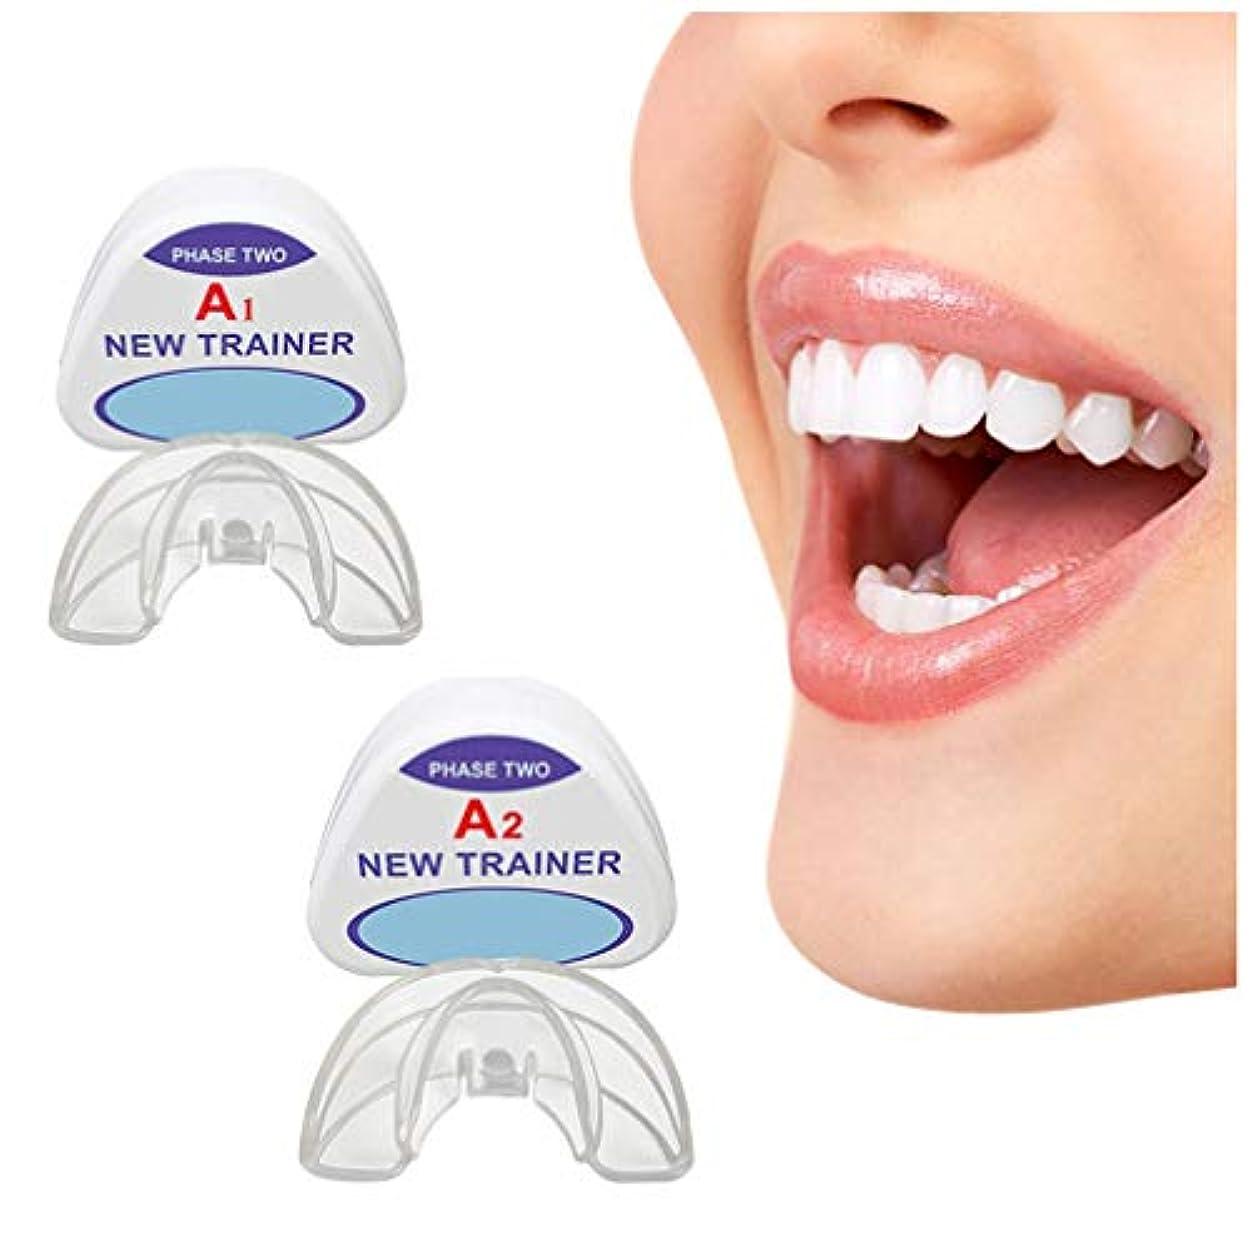 傾向者教育歯アライメントトレーナーリテーナー、歯科矯正トレーナー、ナイトマウスガードスリムグラインドプロテクター、大人のためのトレーナー歯アライメントブレース,A1+A2